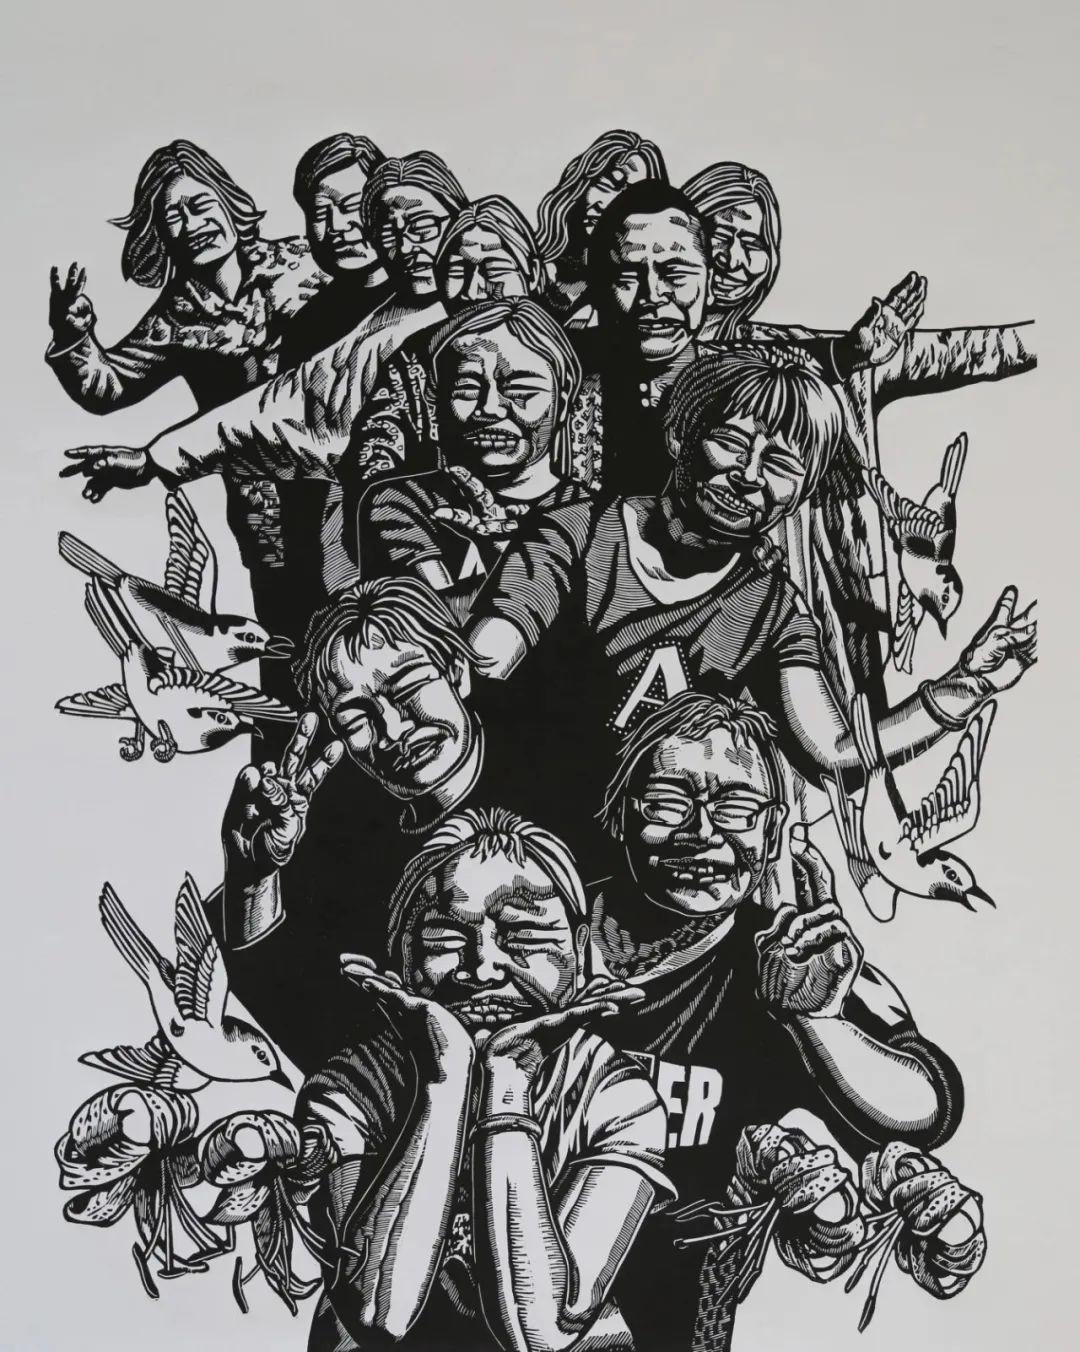 齐达拉图与版画 第17张 齐达拉图与版画 蒙古画廊